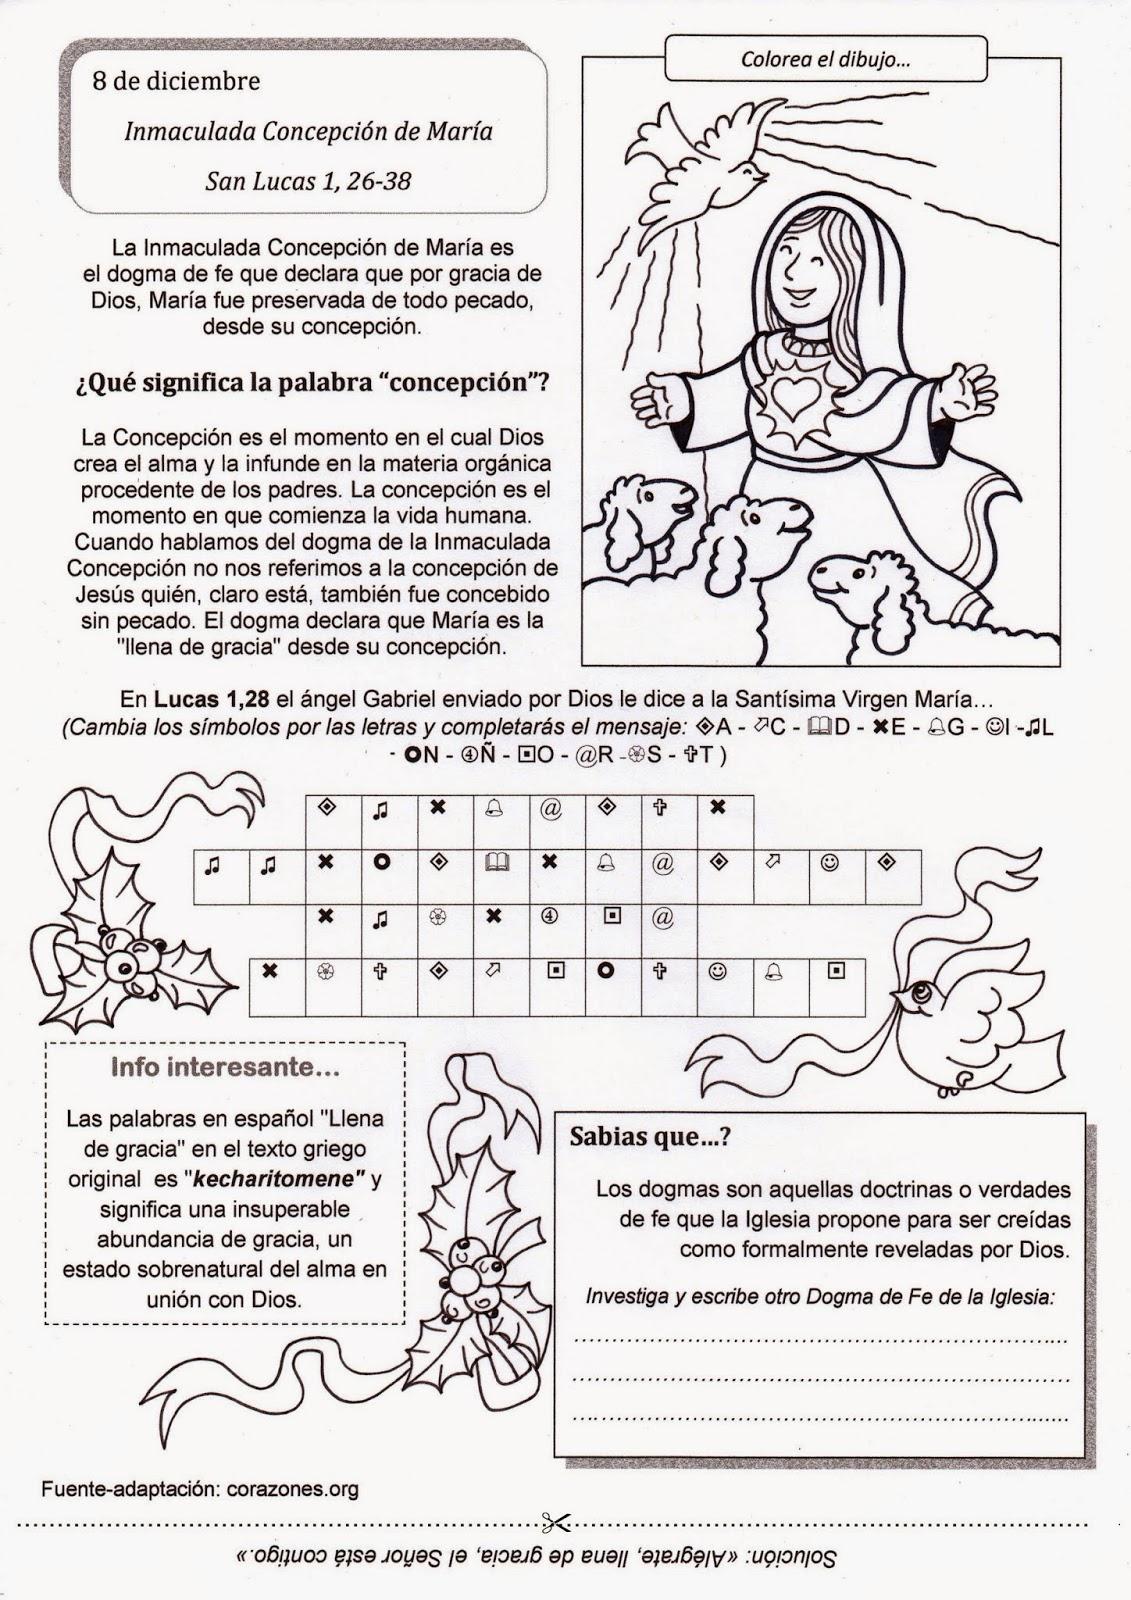 El Rincón de las Melli: Inmaculada Concepción de María